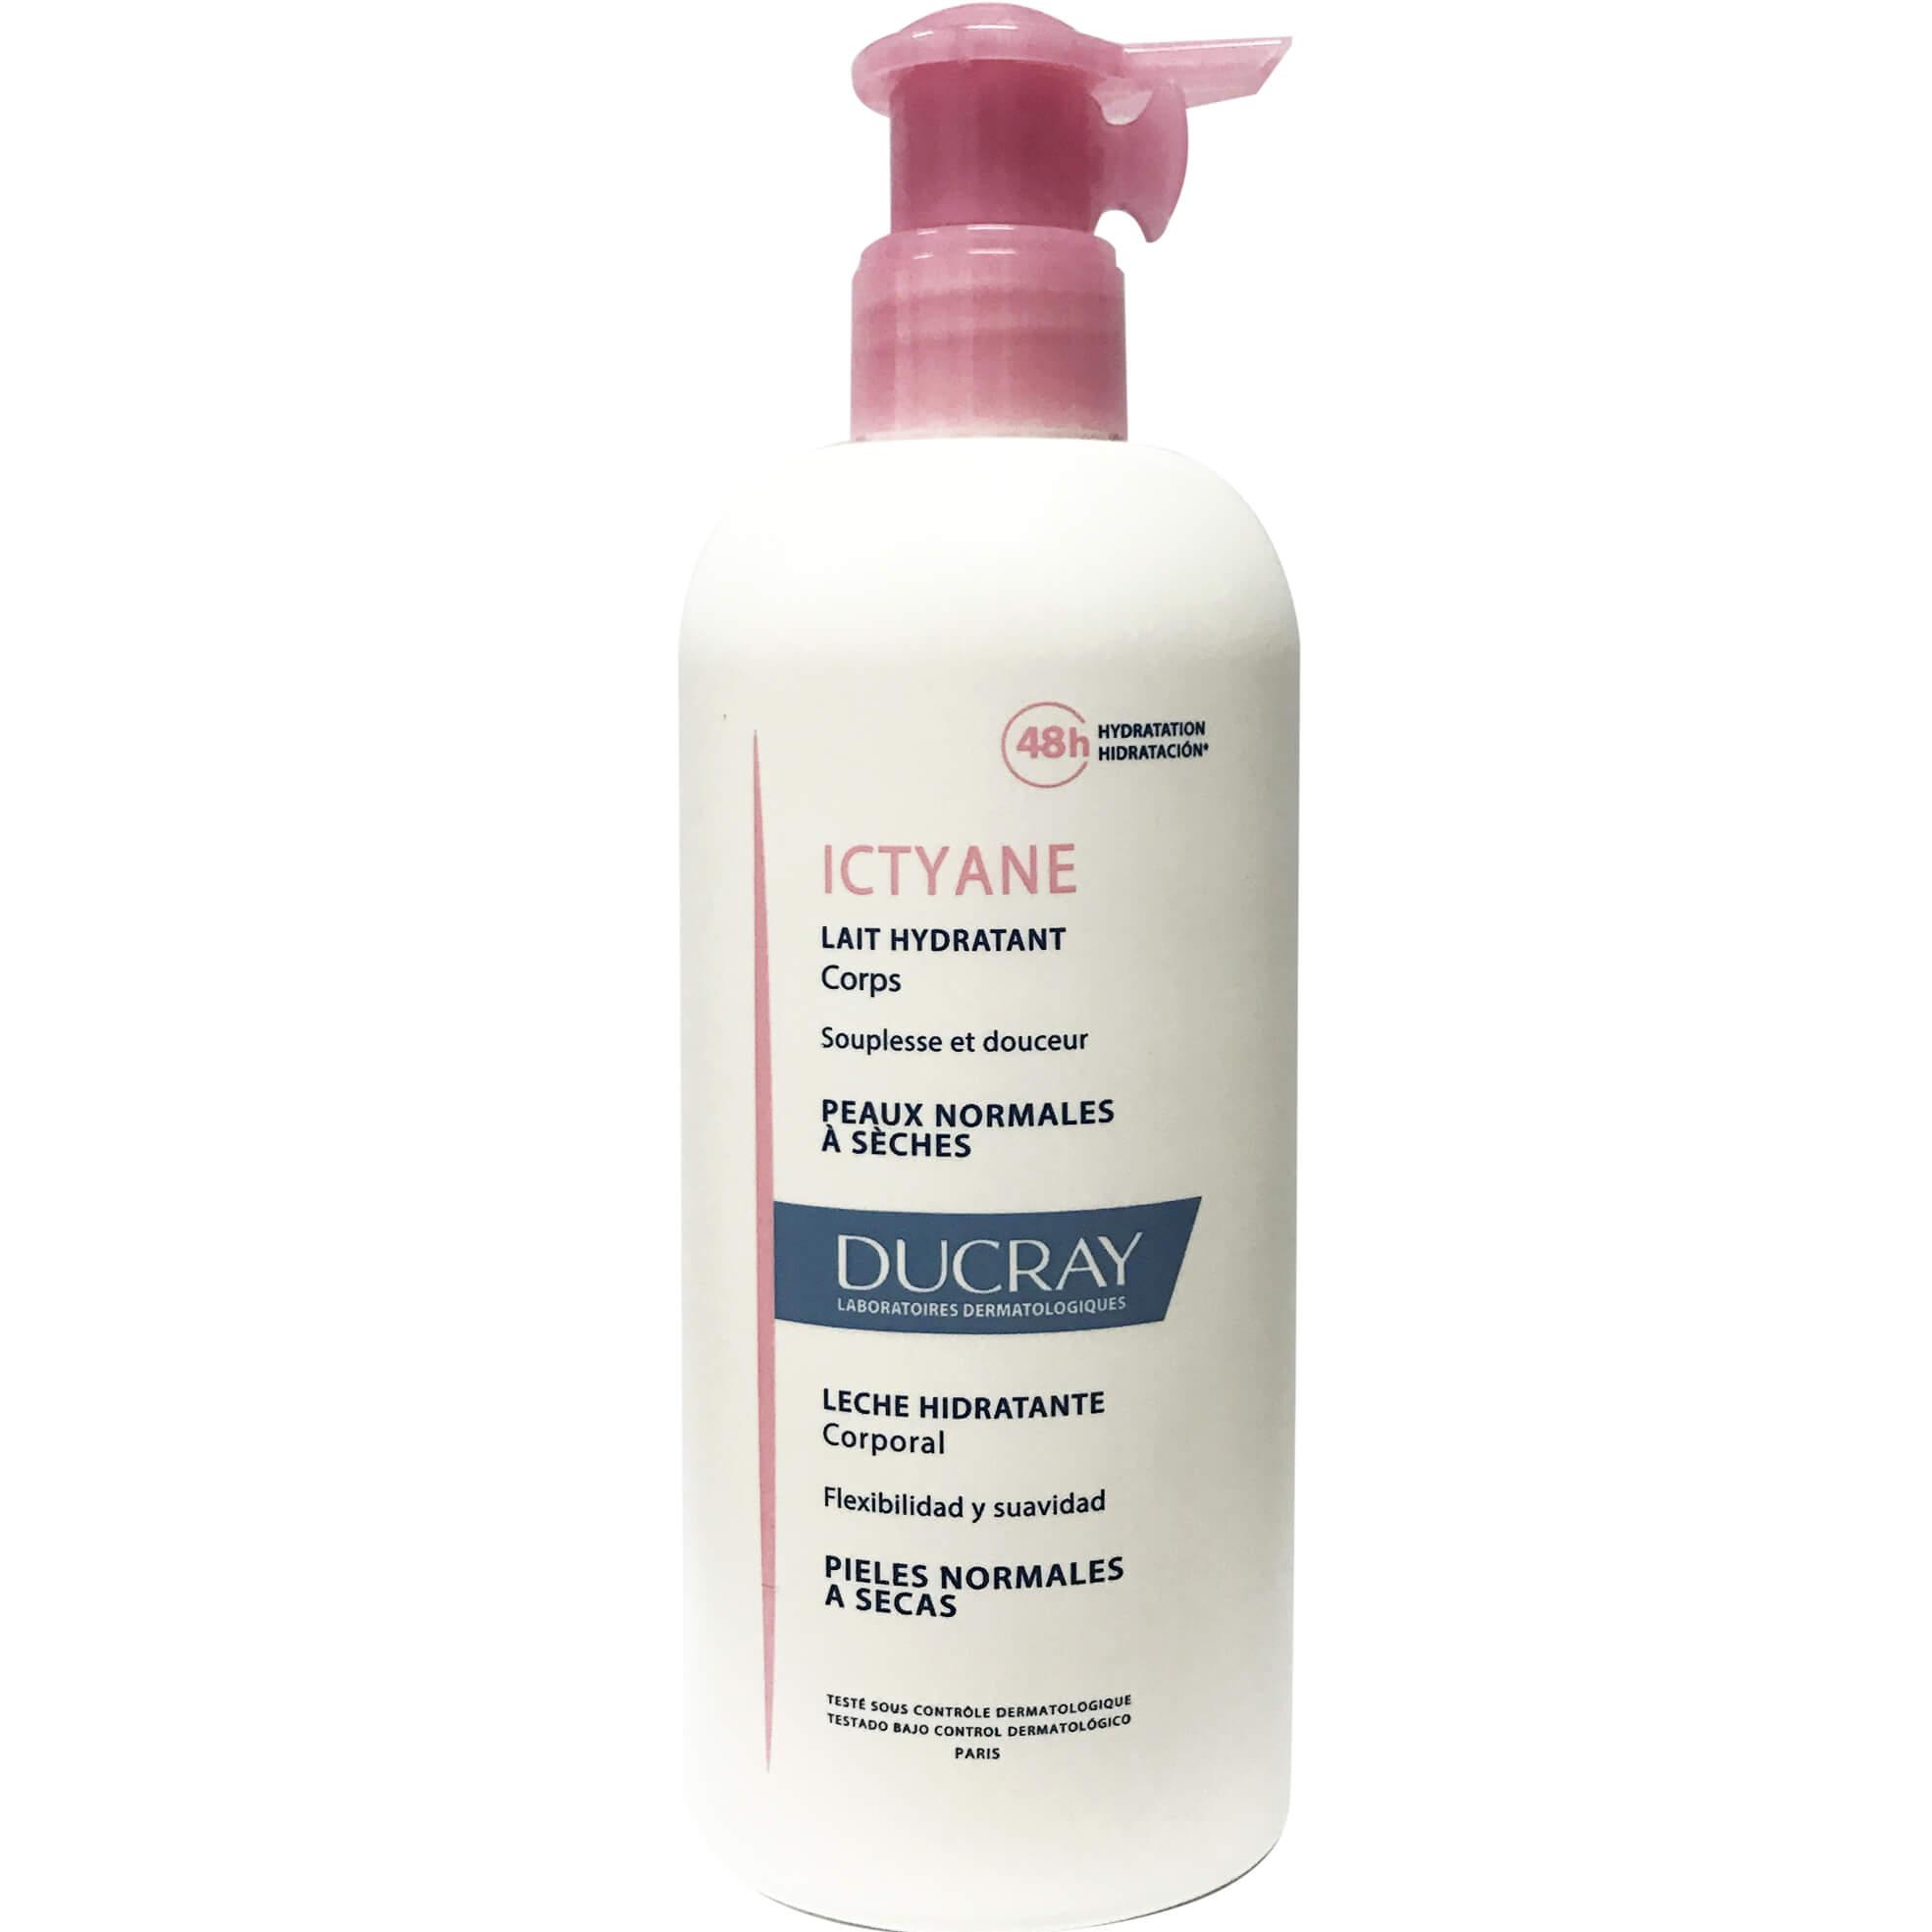 Ducray Ictyane Lait Hydratant Ενυδατικό Γαλάκτωμα Σώματος 400ml